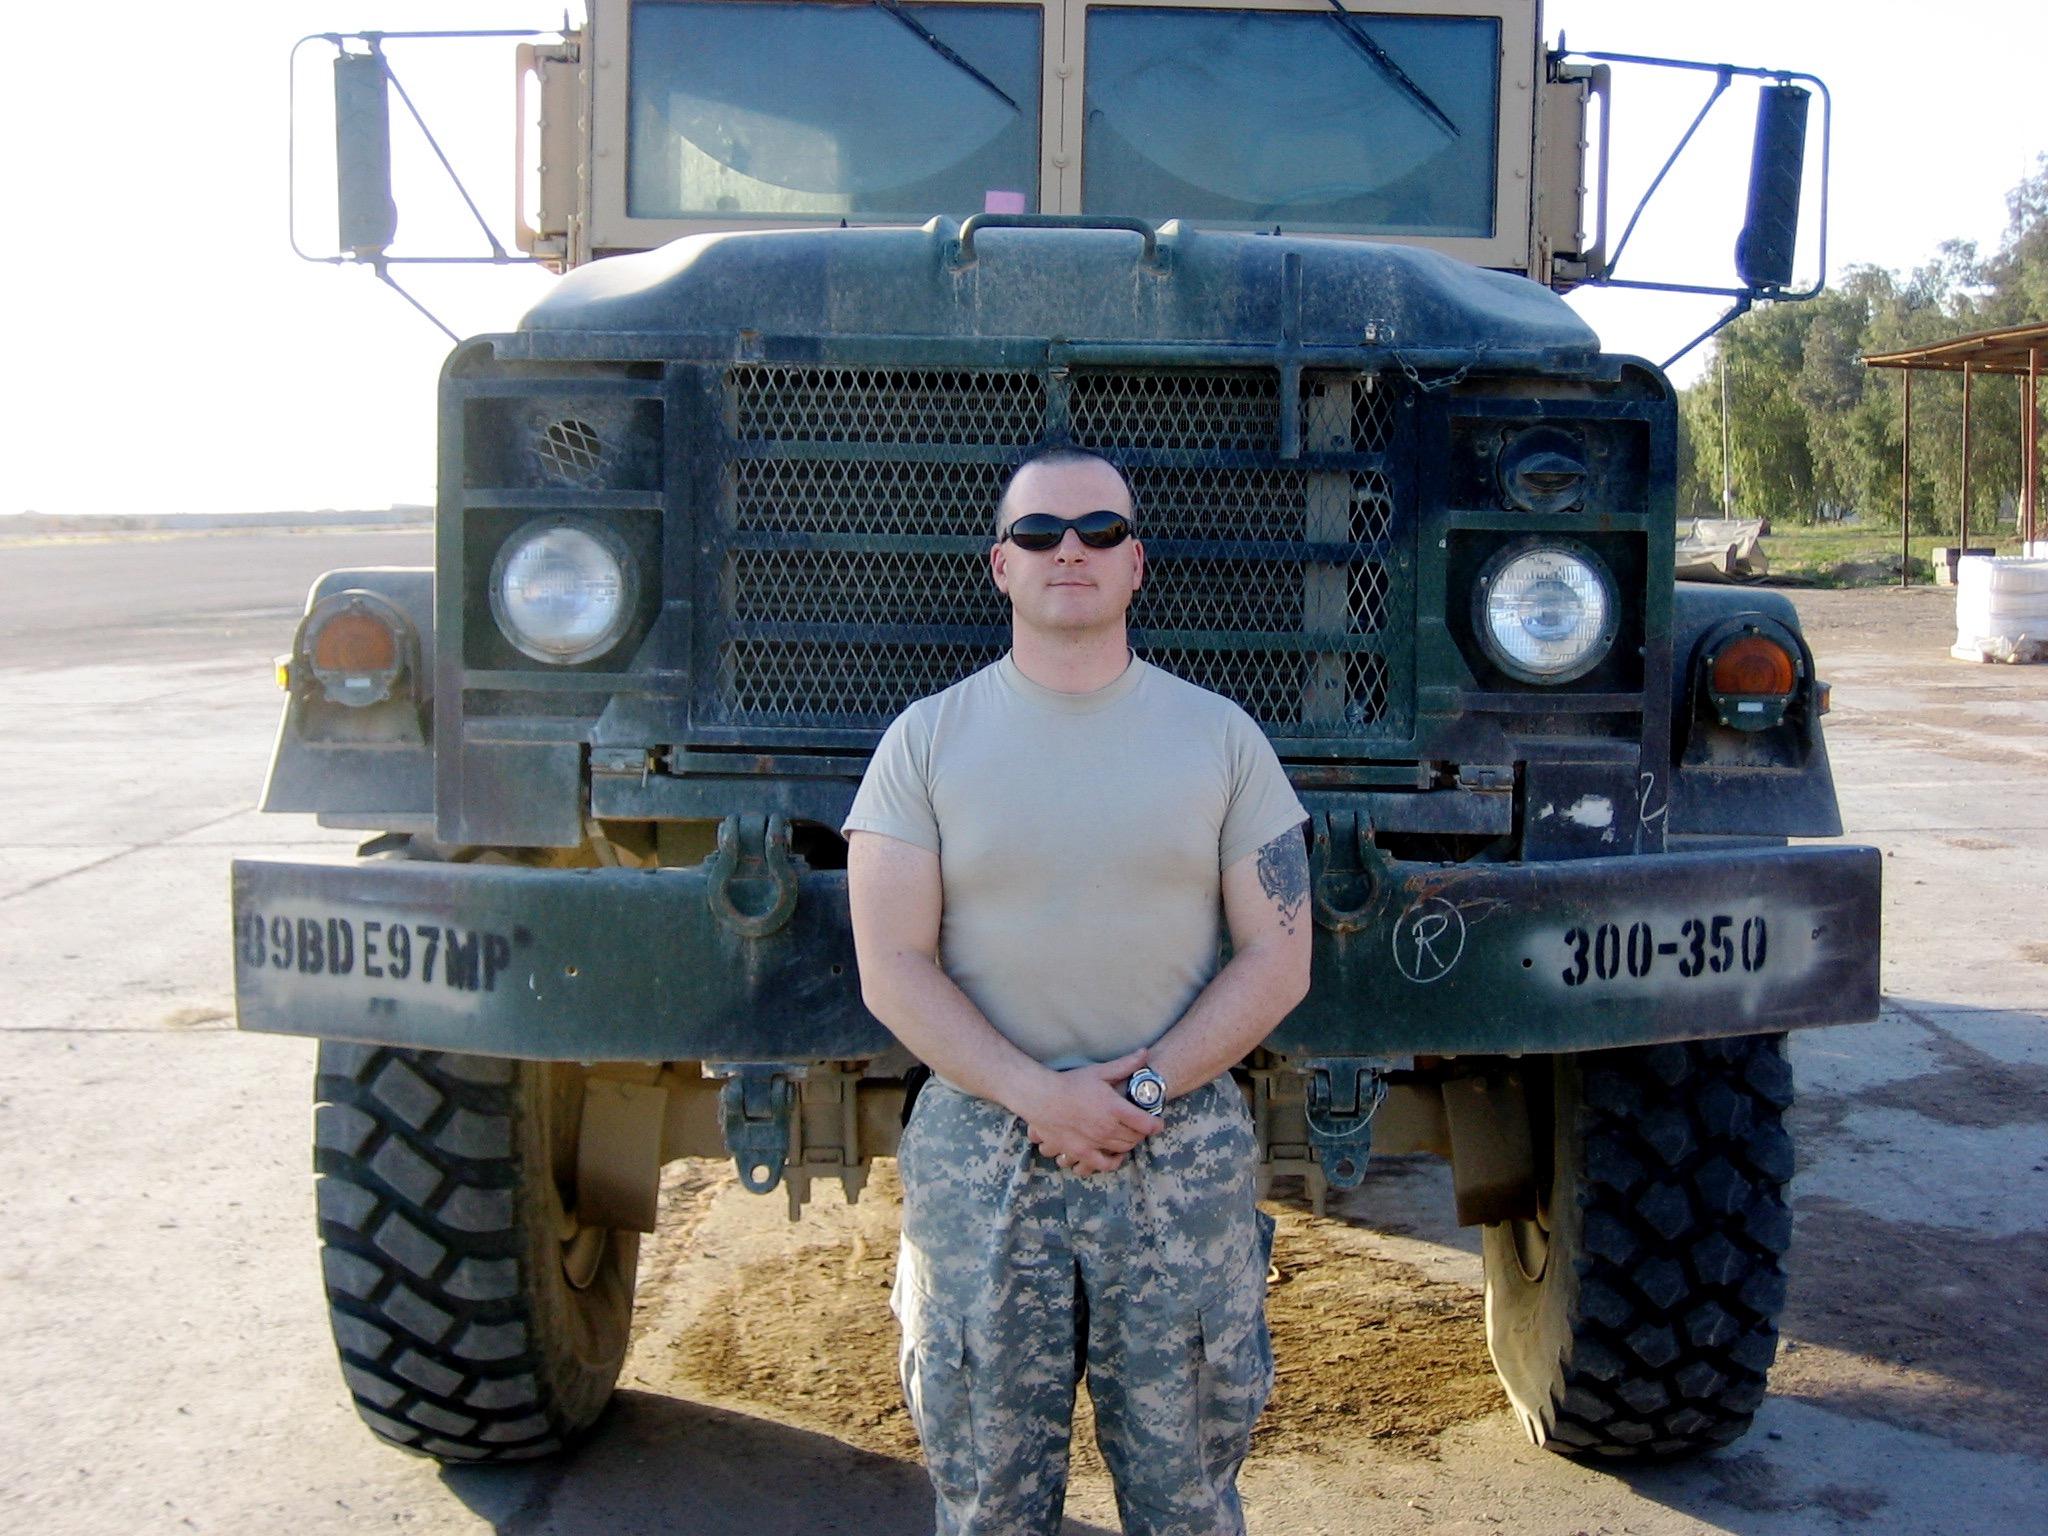 Jim s iraq06 07 pics 169 2 2